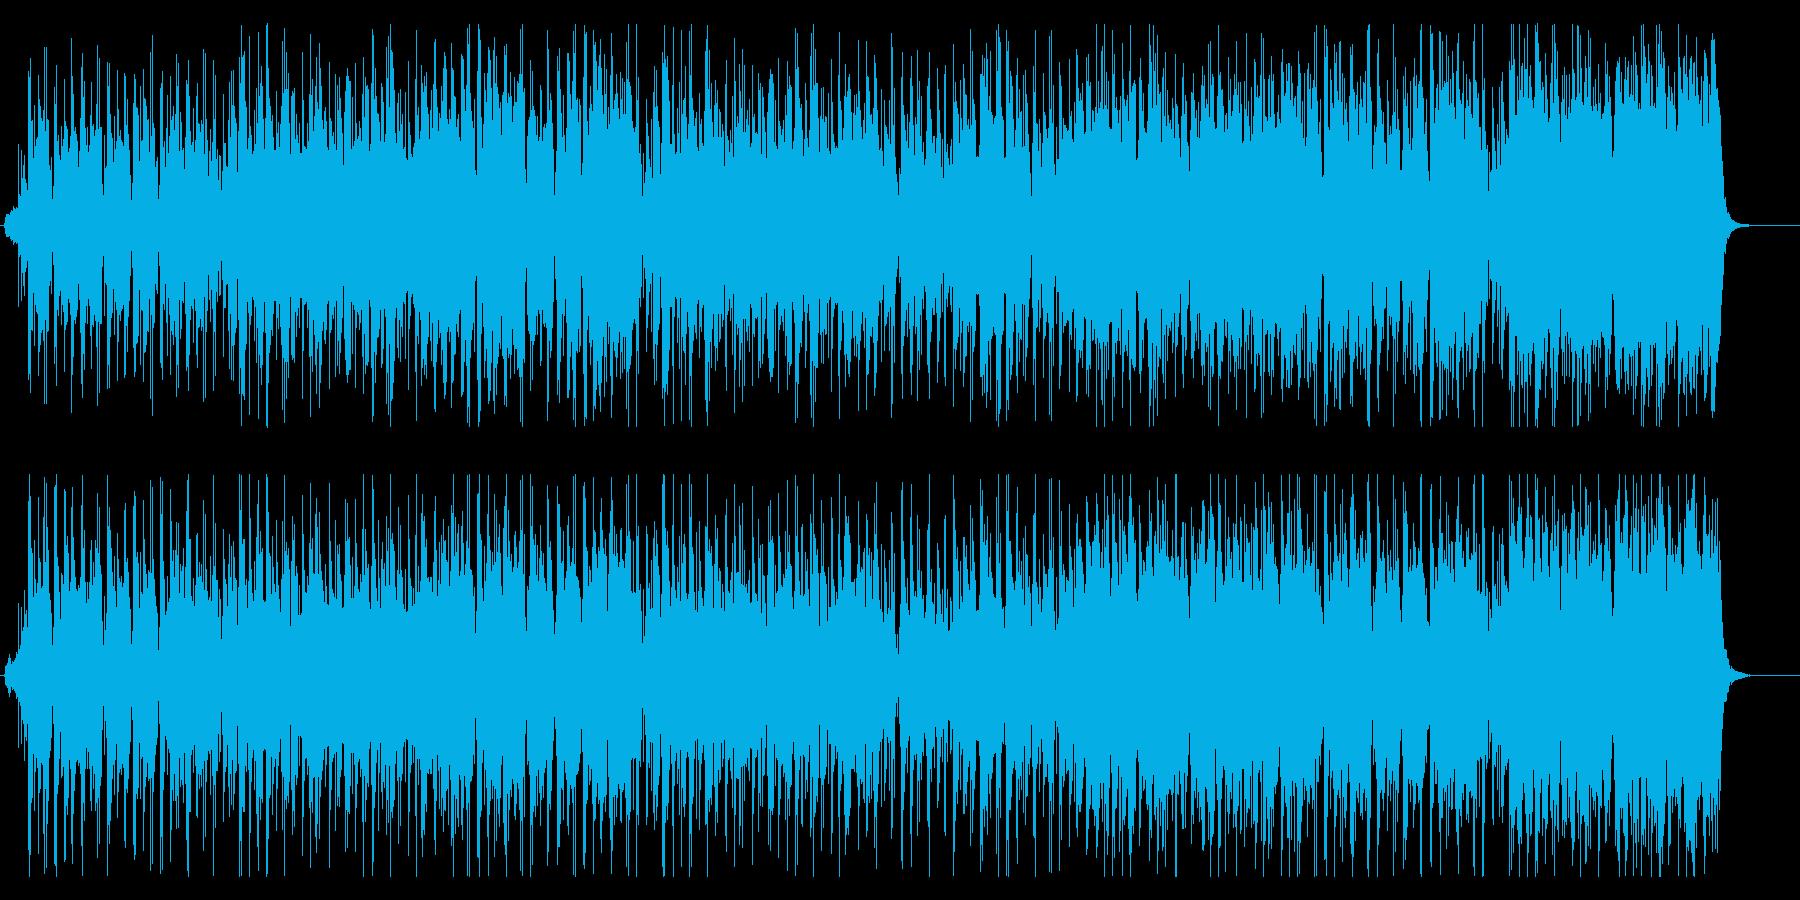 ゲーム、サスペンス向けBGMの再生済みの波形